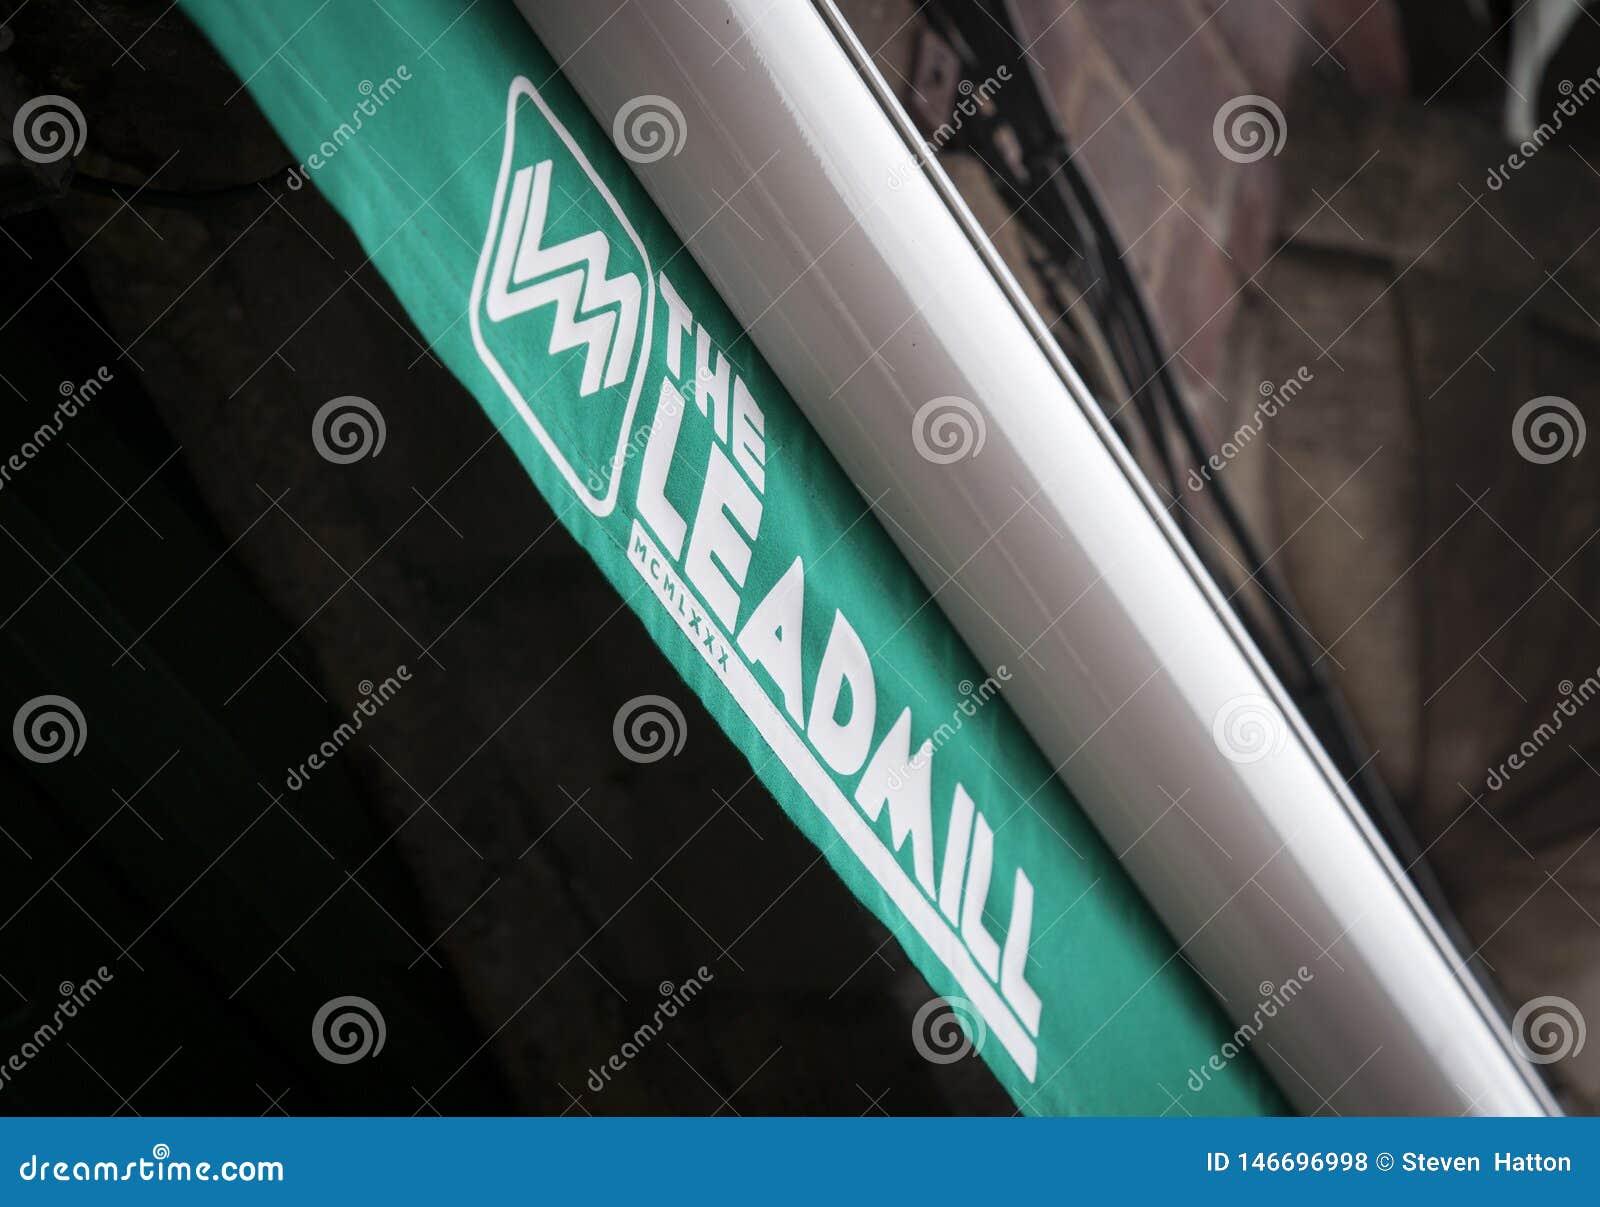 Logo für den berühmten Musikverein das Leadmill Sheffield, South Yorkshire, Gro?britannien - 13. September 2013